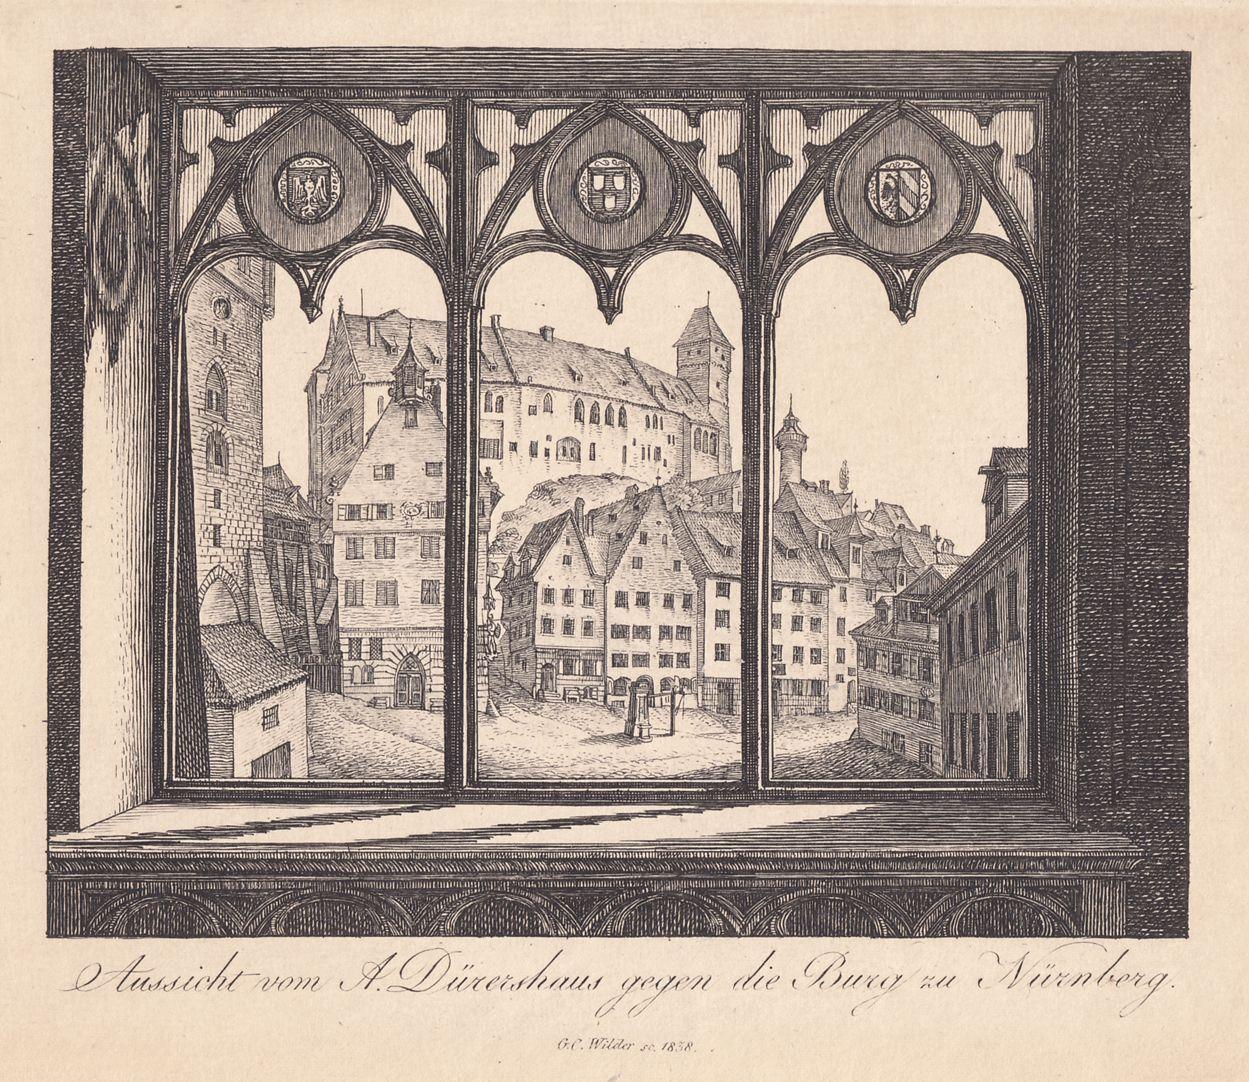 Aussicht vom A.Dürershaus gegen die Burg zu Nürnberg Gesamtansicht